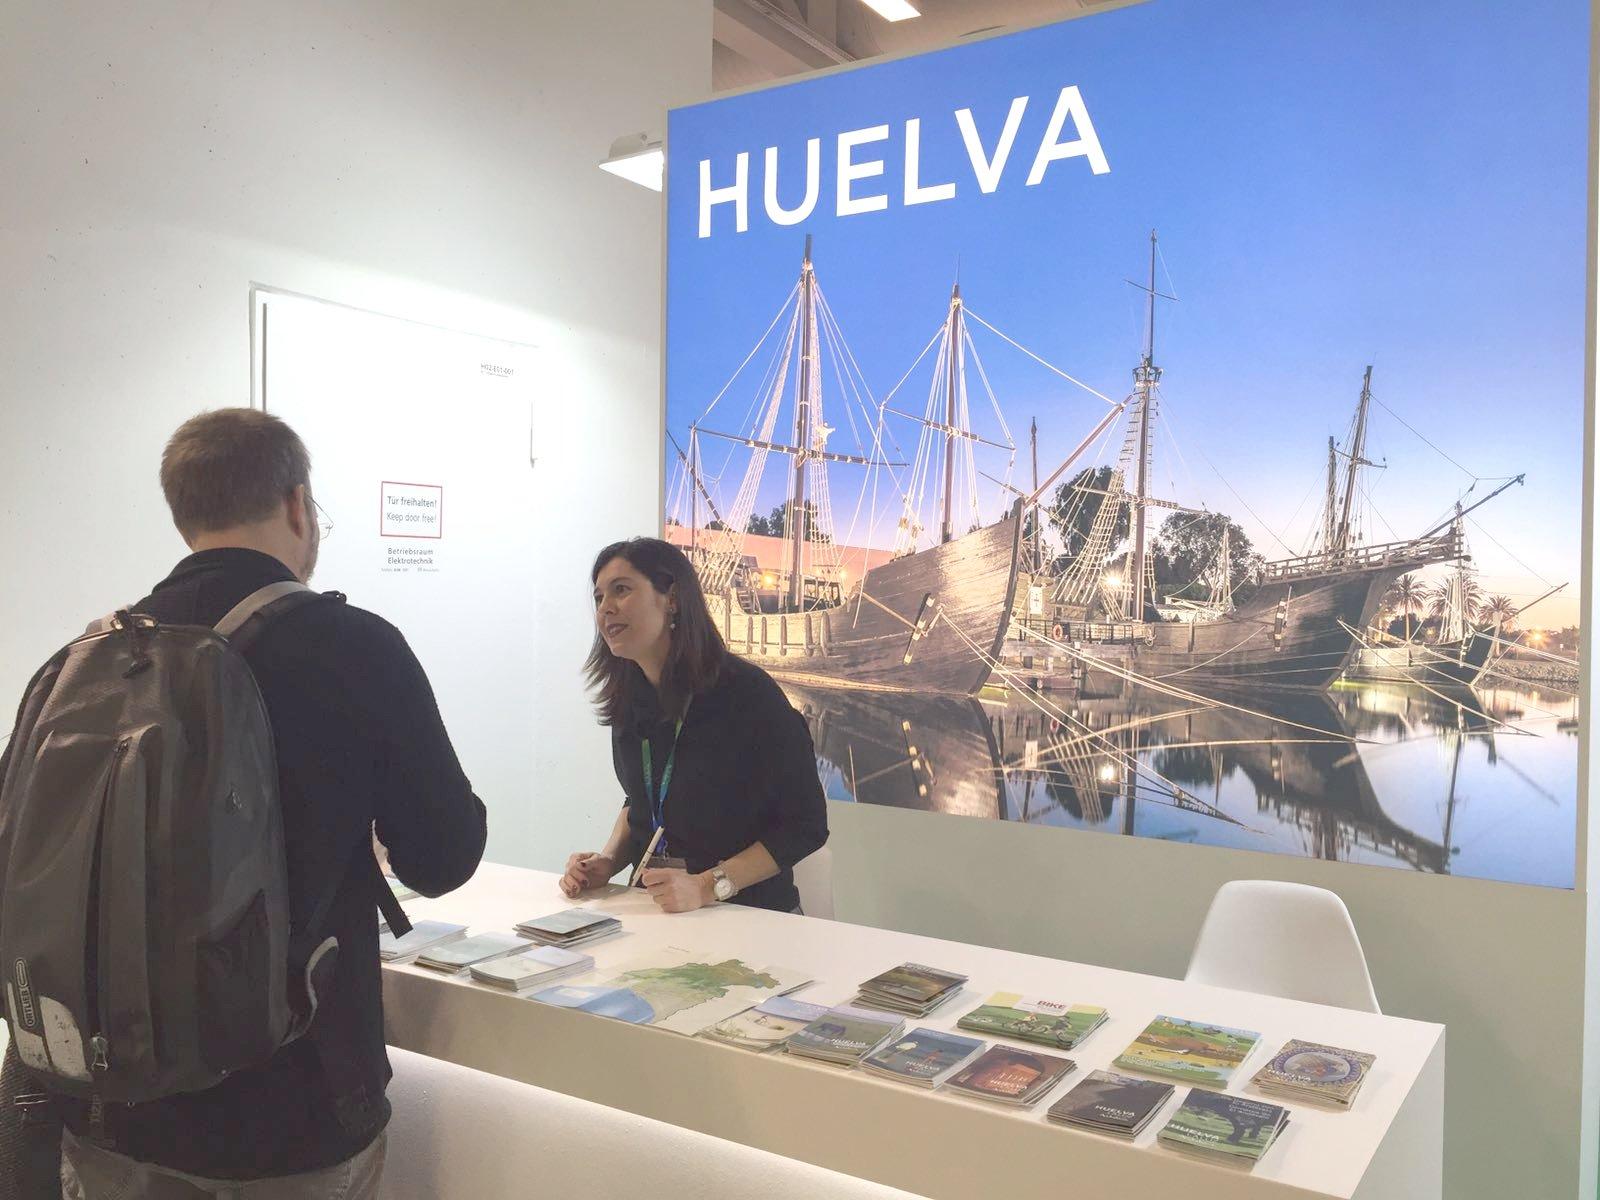 Espacio de Huelva ubicado dentro del stand de Andalucía